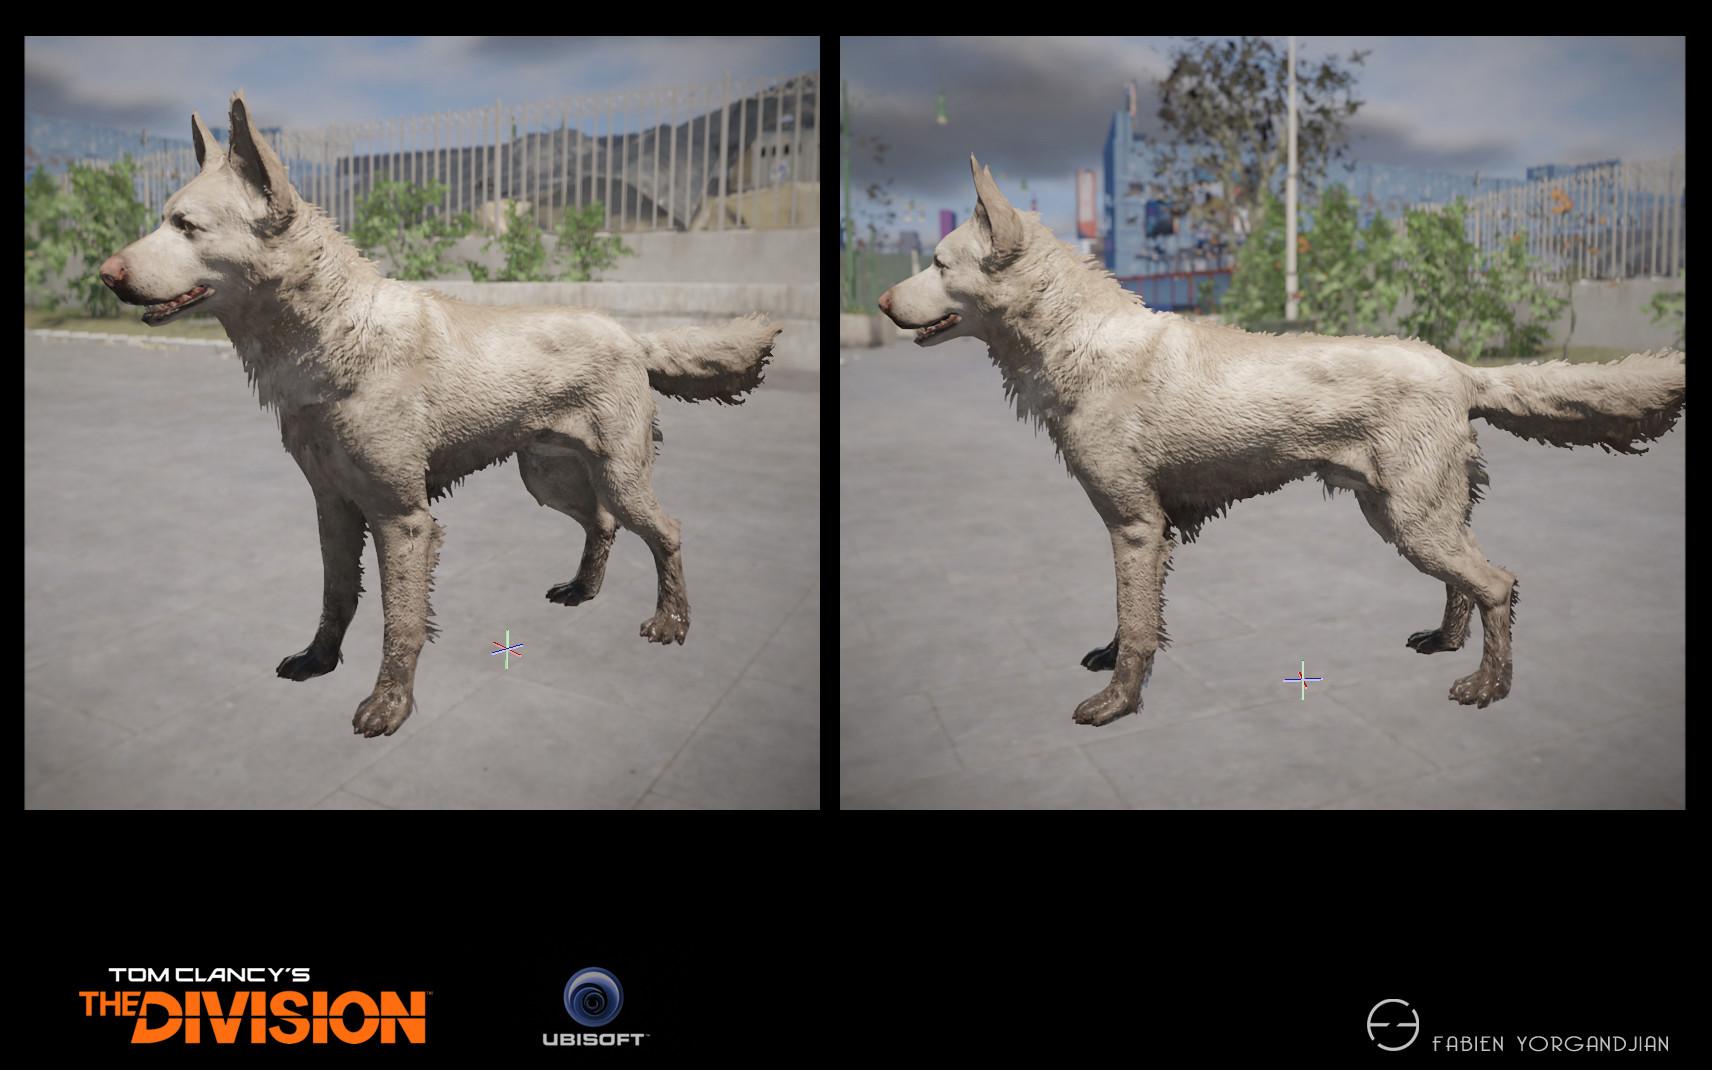 Fabien yorgandjian the division dog04 ingame